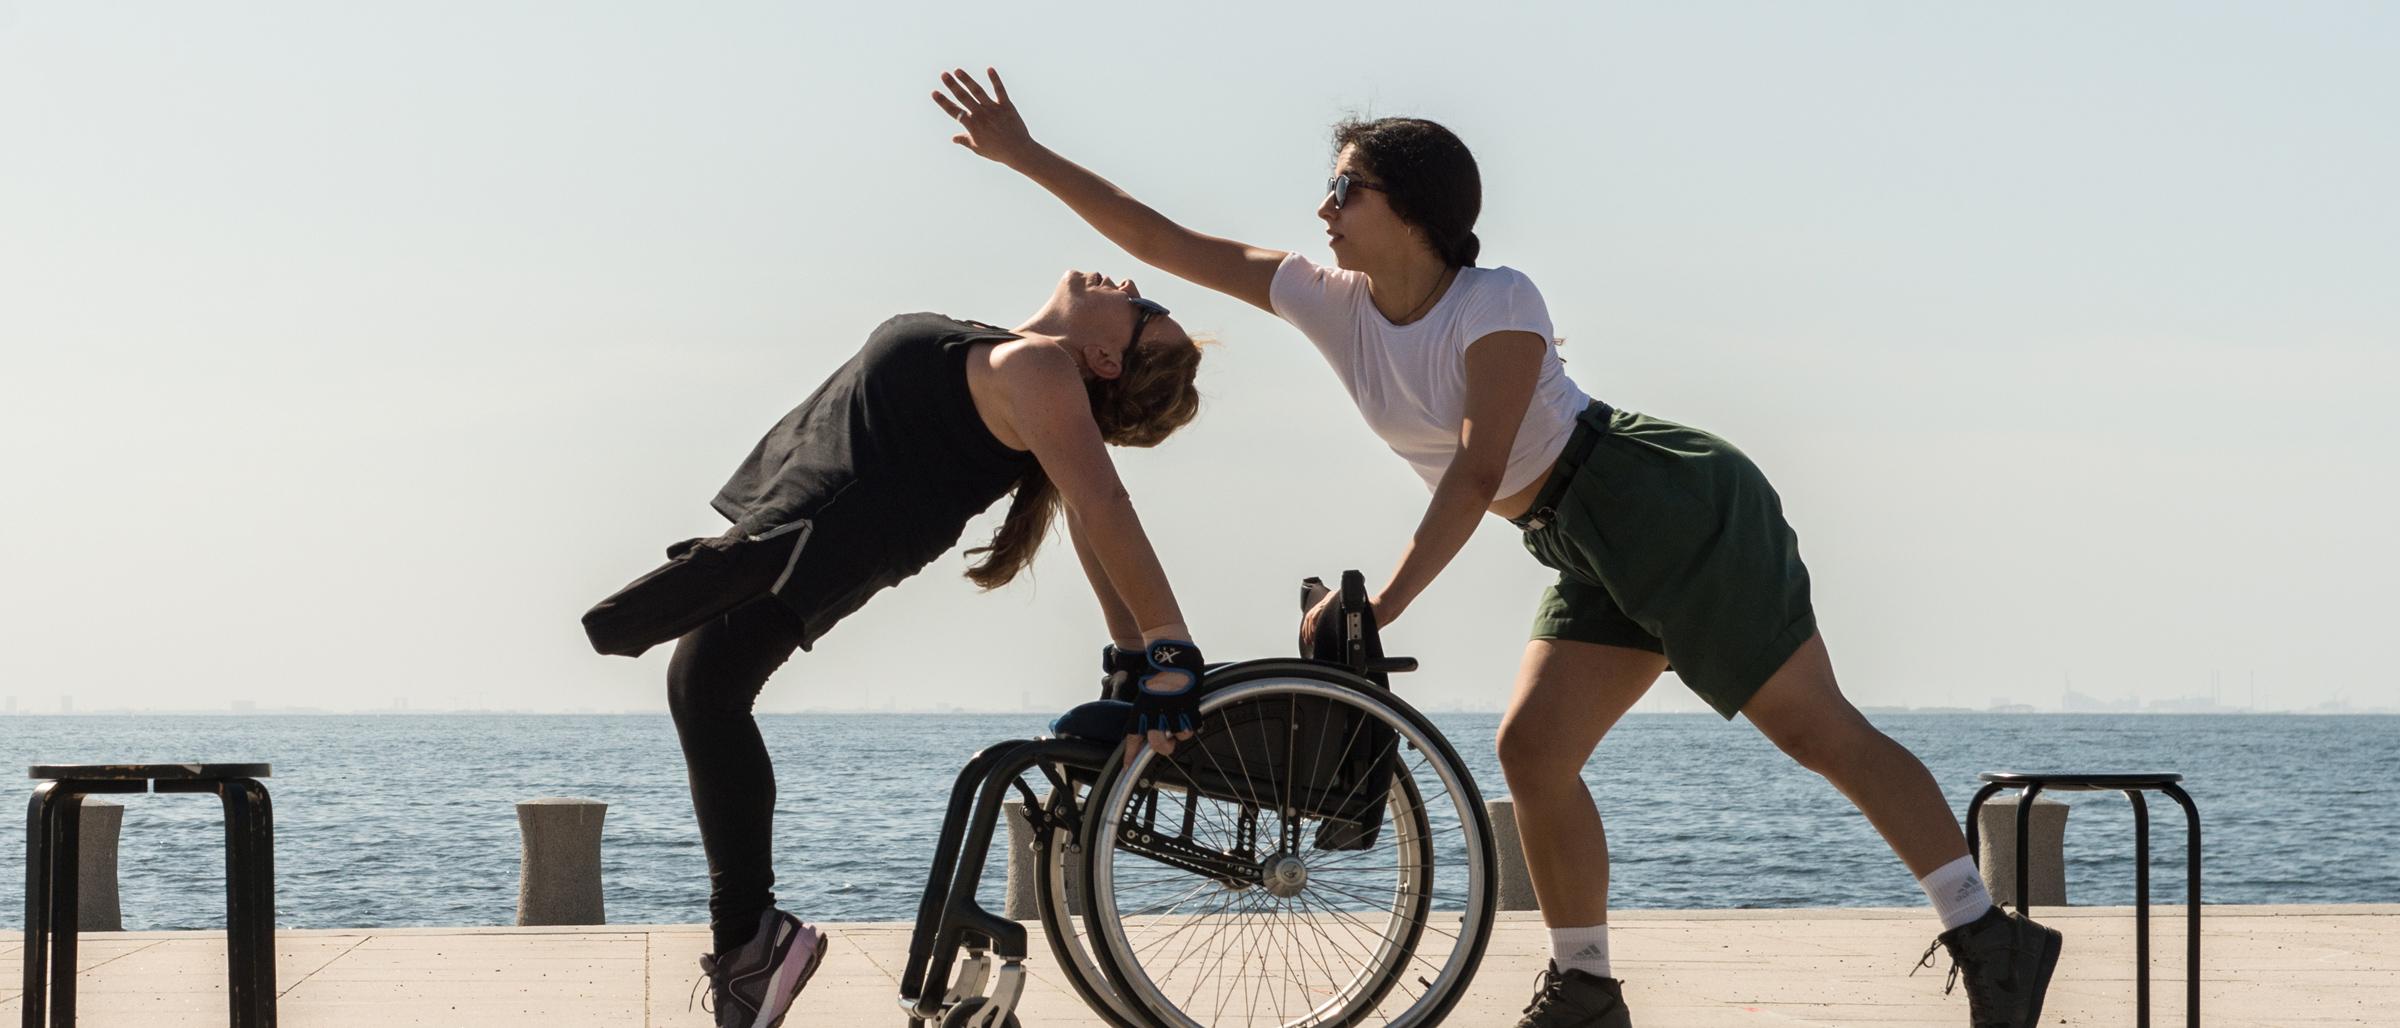 Två dansare och en rullstol dansar i solen framför Öresund i föreställningen Cherry-Picked, foto: Jenny Baumgartner